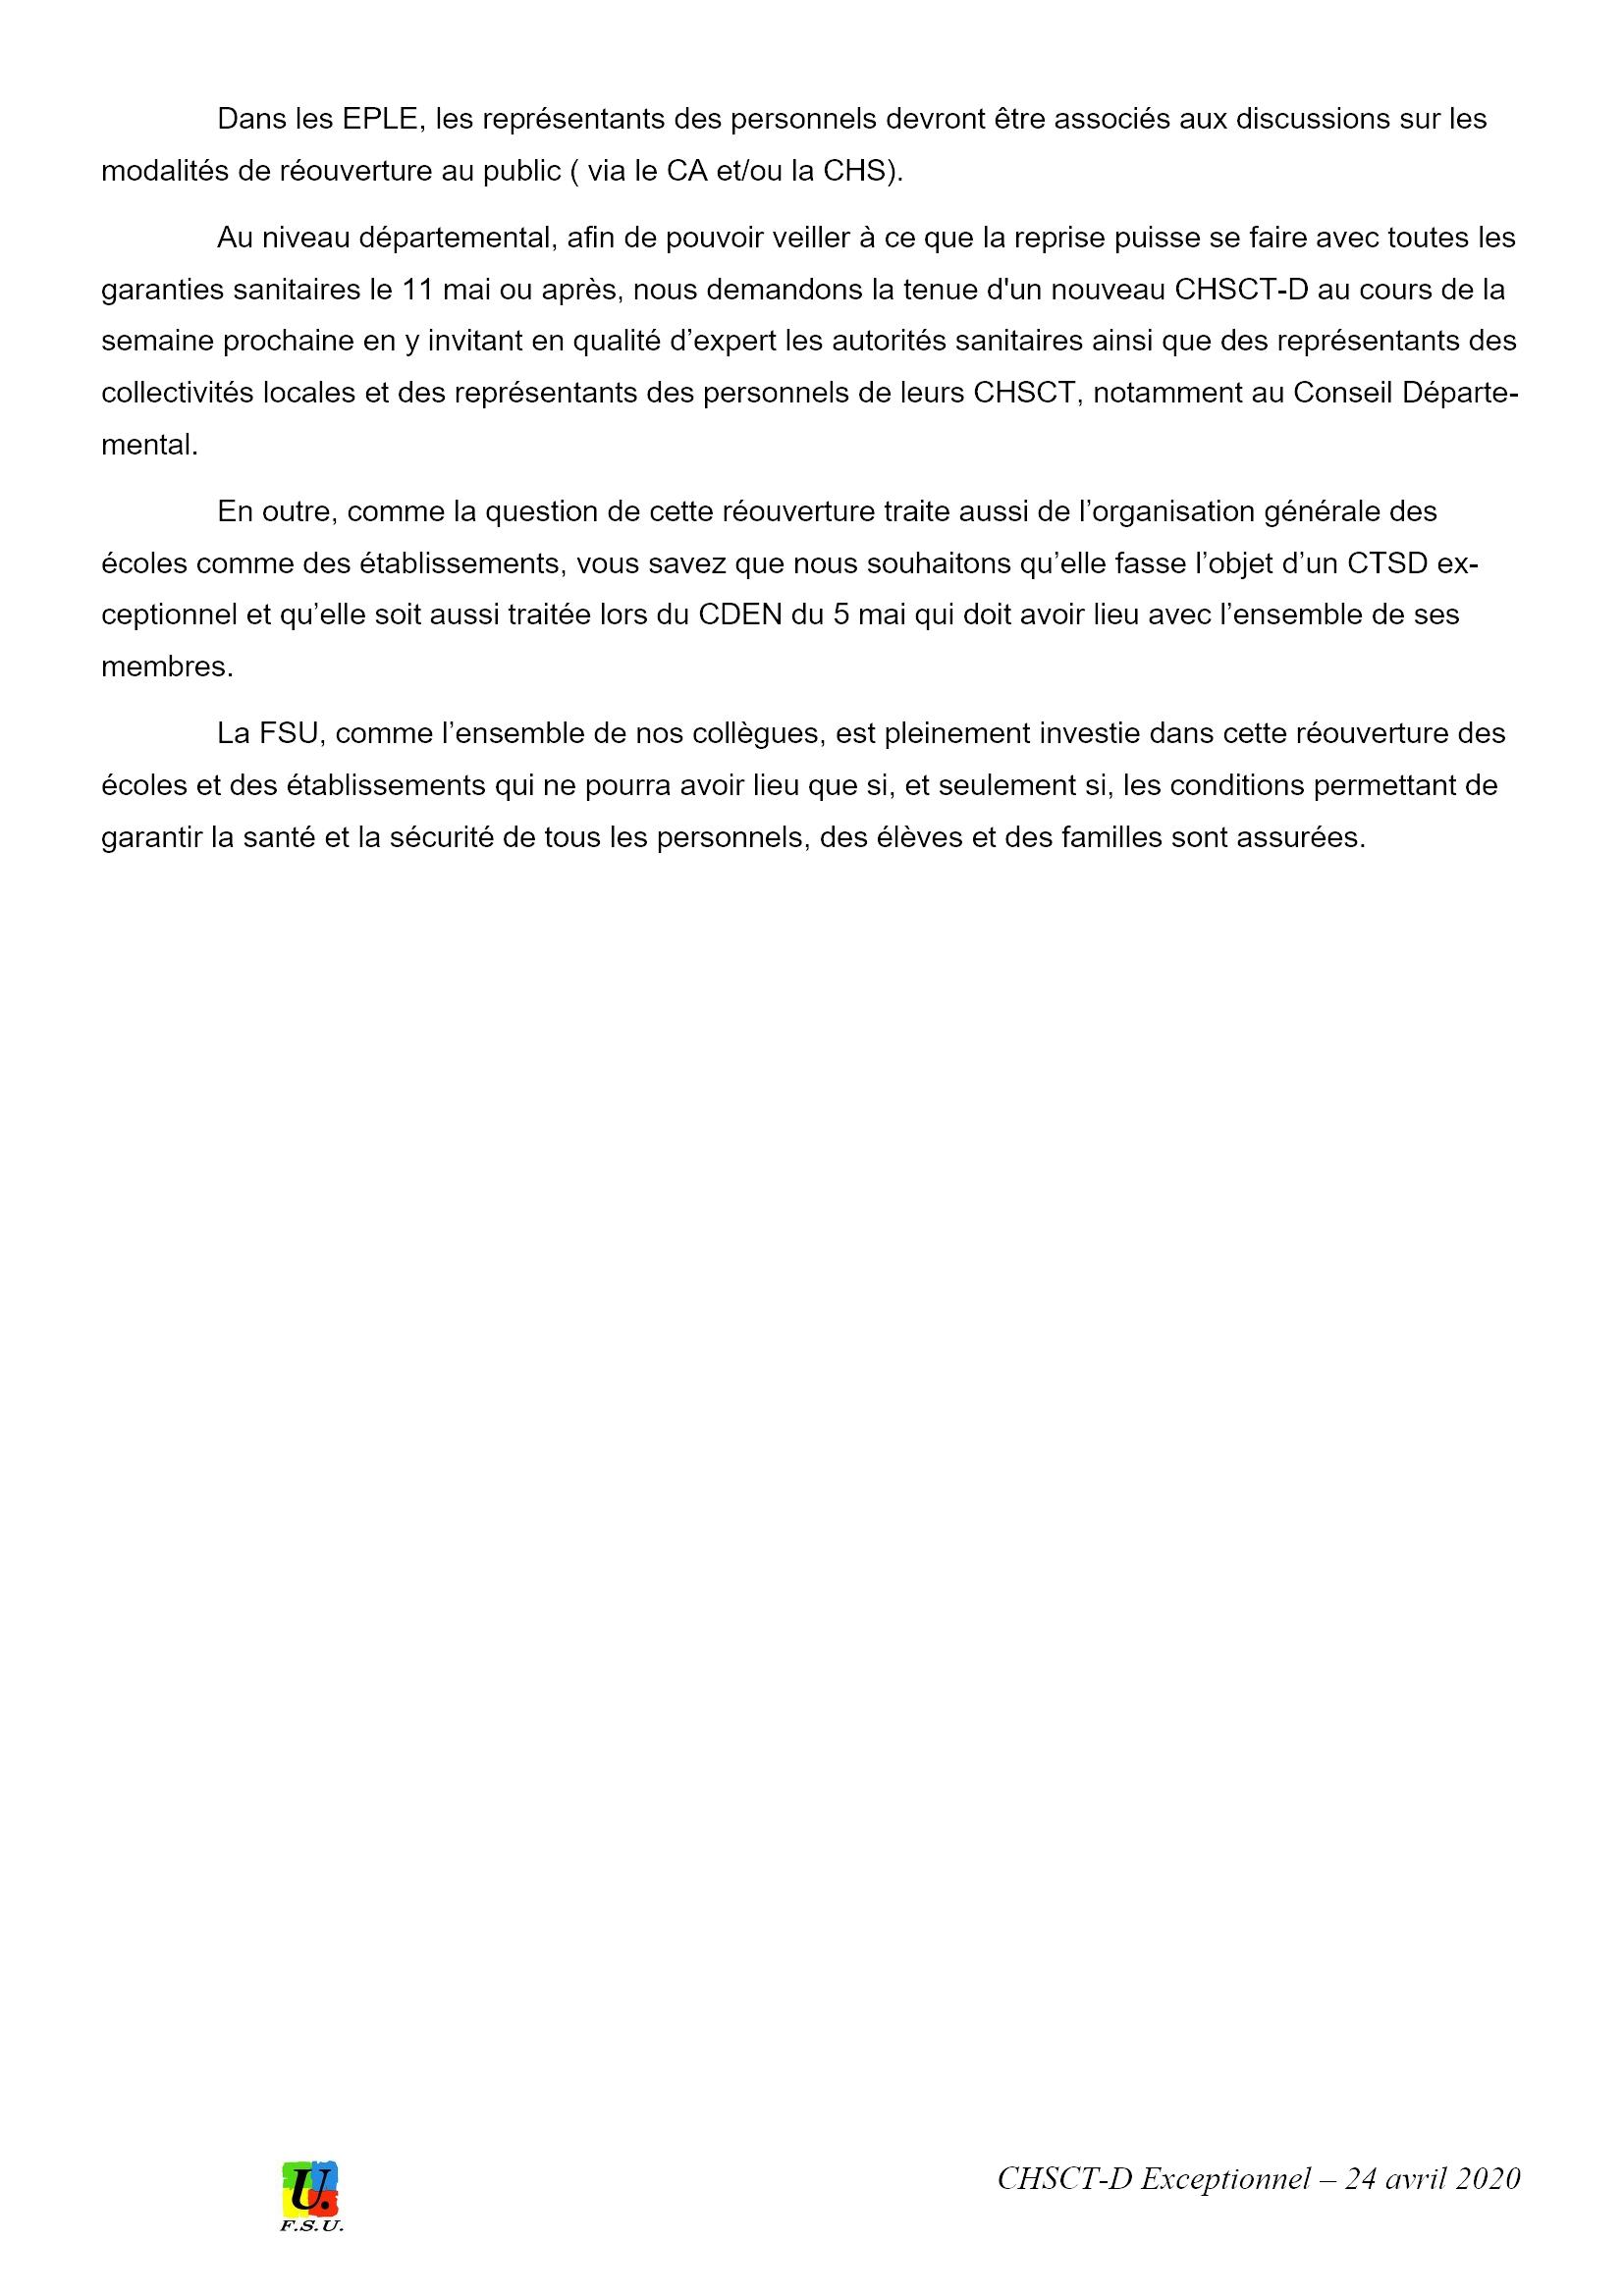 Éducation CHSCT-E&L 24-04-2020 Déclaration FSU 3x3